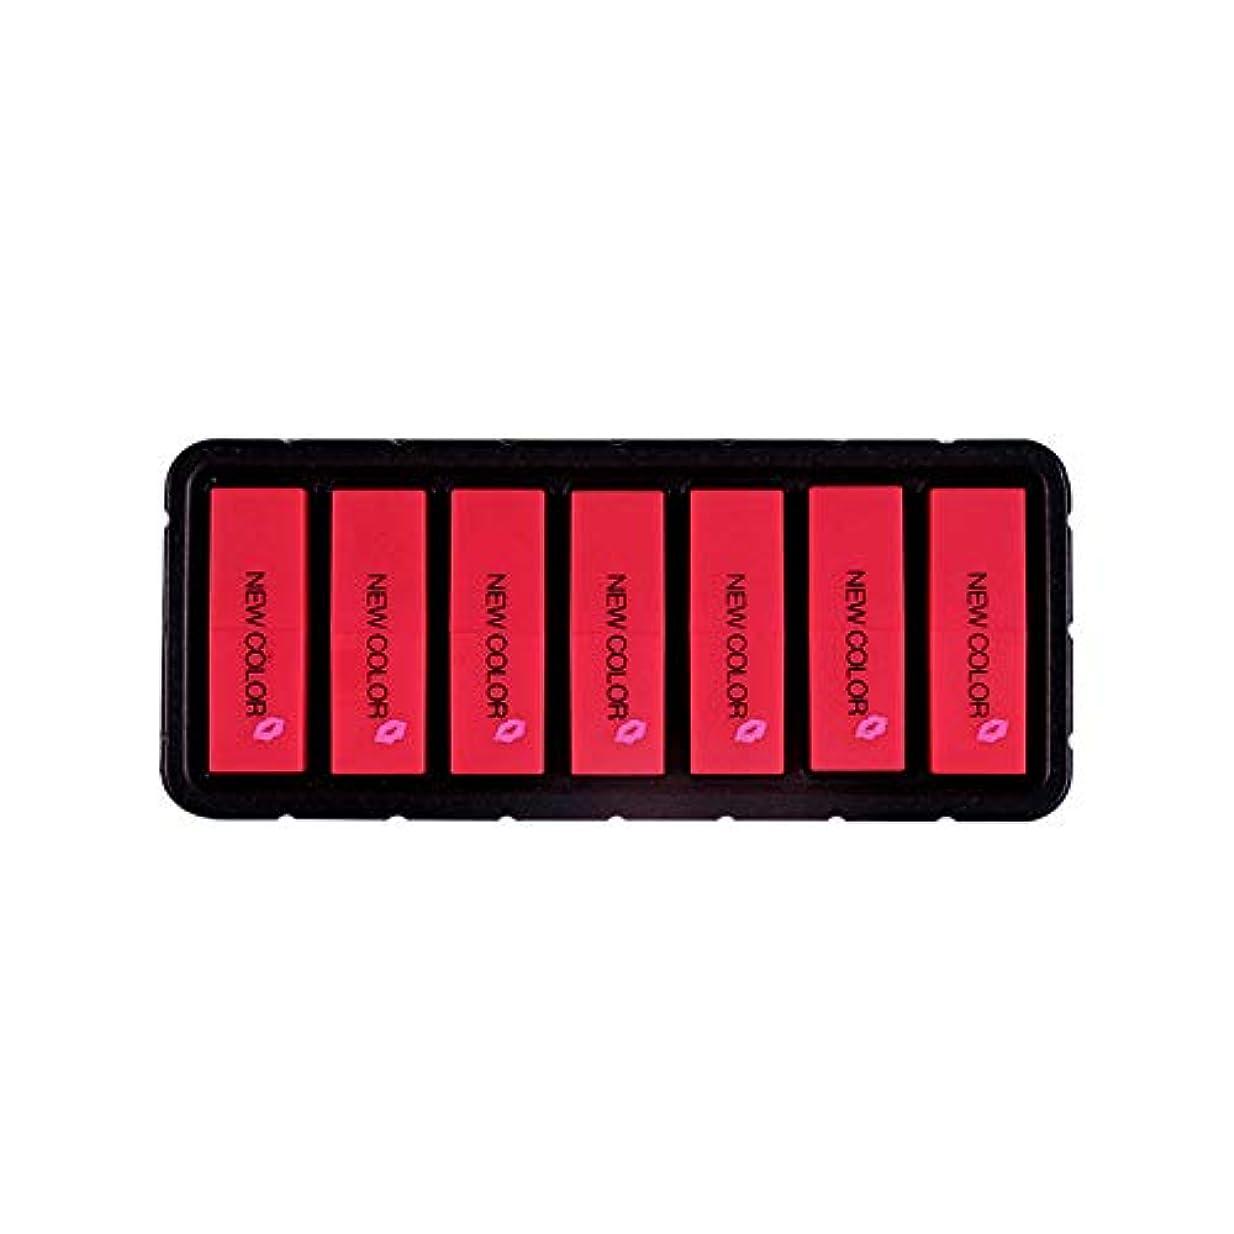 同級生速いアルバムEldori 2019 新作 リップスティック セット 7色 口紅 長続き防水リップ 化粧品 マット リップスティック セット 5本/セットコスプレ、ハロウィーン、クリスマスなどに兼用 カボチャの色 (O)